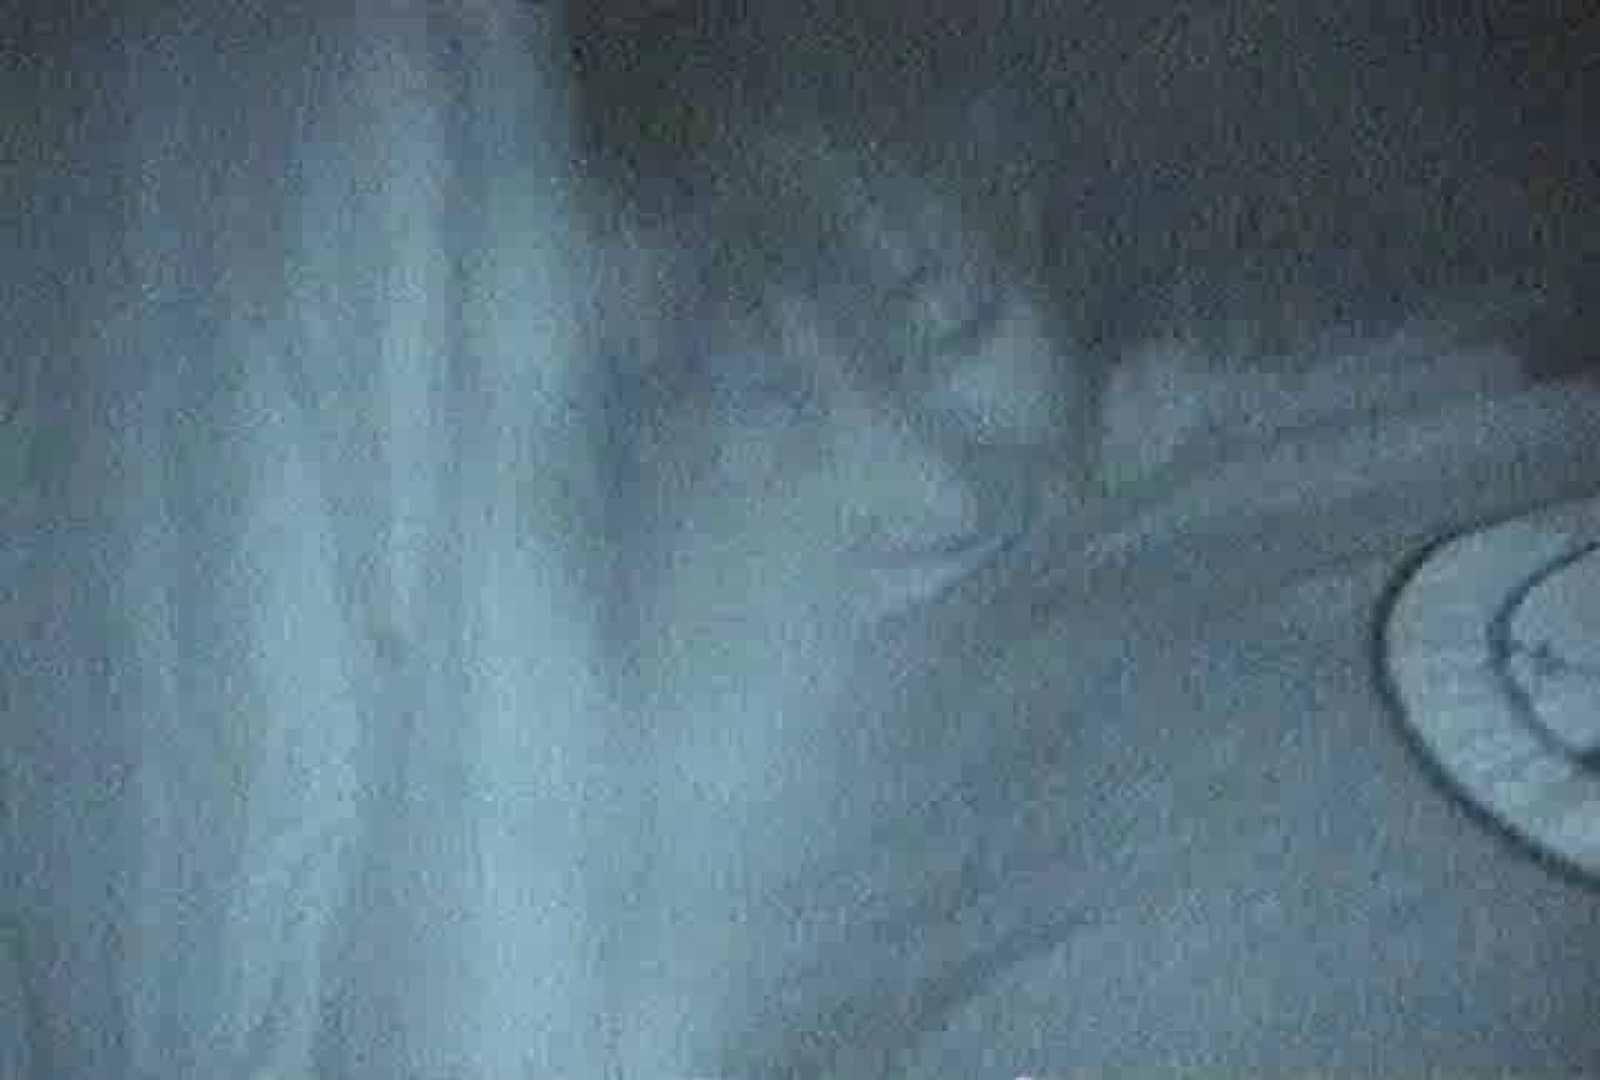 充血監督の深夜の運動会Vol.71 ラブホテル オマンコ無修正動画無料 106pic 39